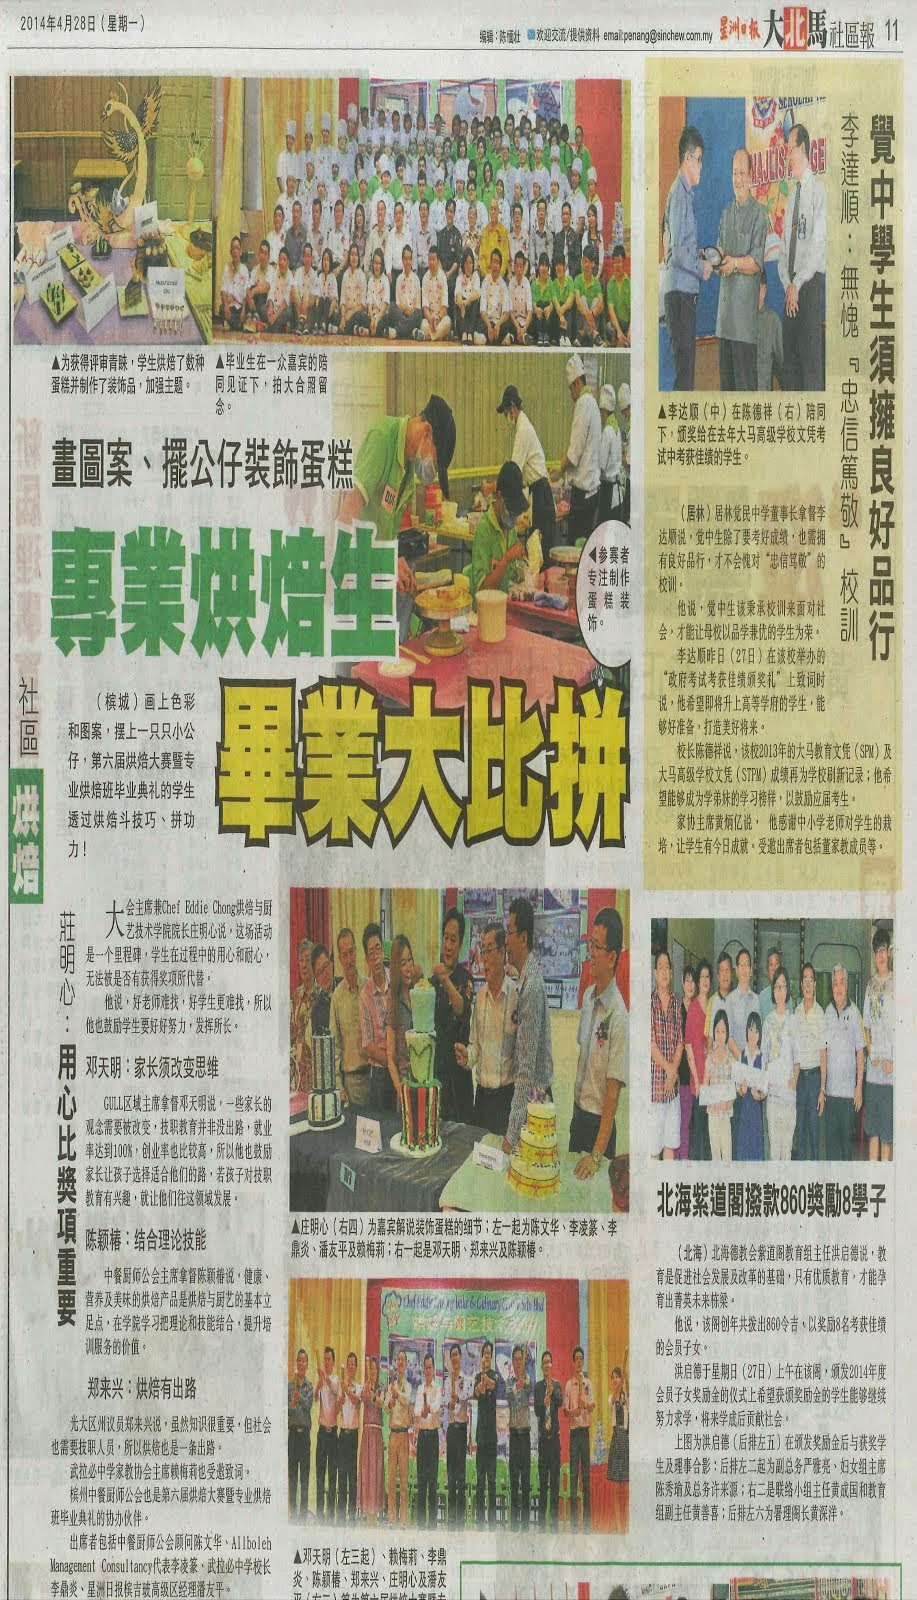 马来西亚-星洲日报 SinChew Jit Poh, M'sia